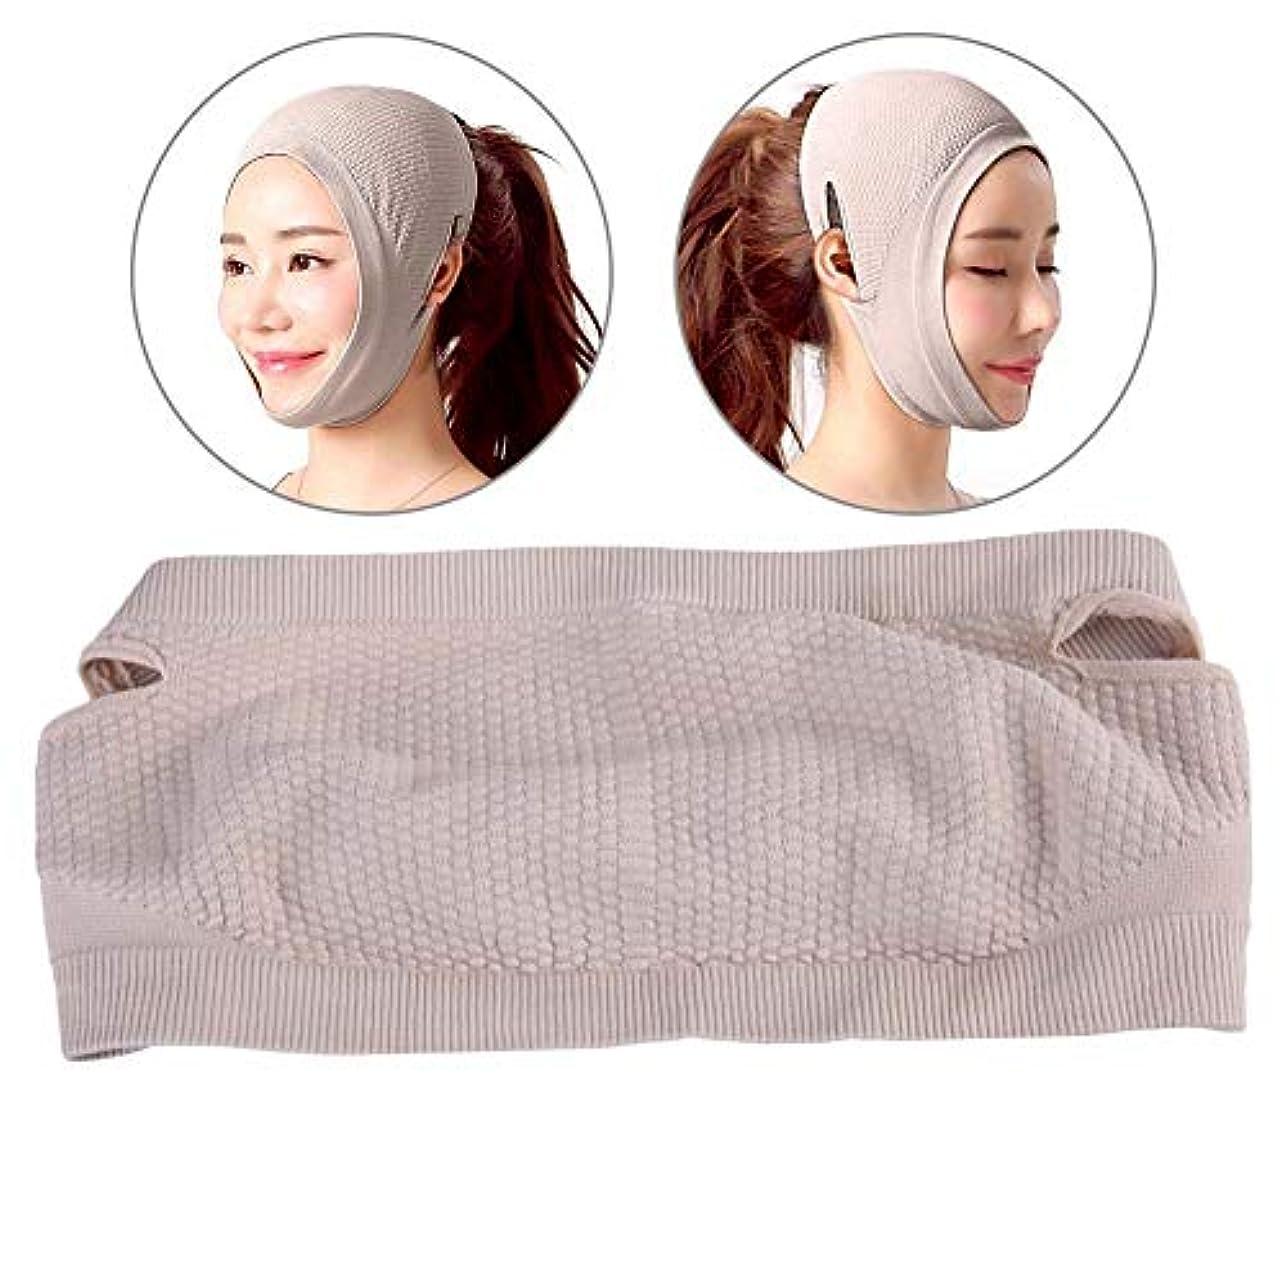 臨検消去見落とす顔の輪郭を改善するVフェイス美容包帯 フェイシャルリフティングマスク、露出耳のデザイン/通気性/伸縮性/副作用なし